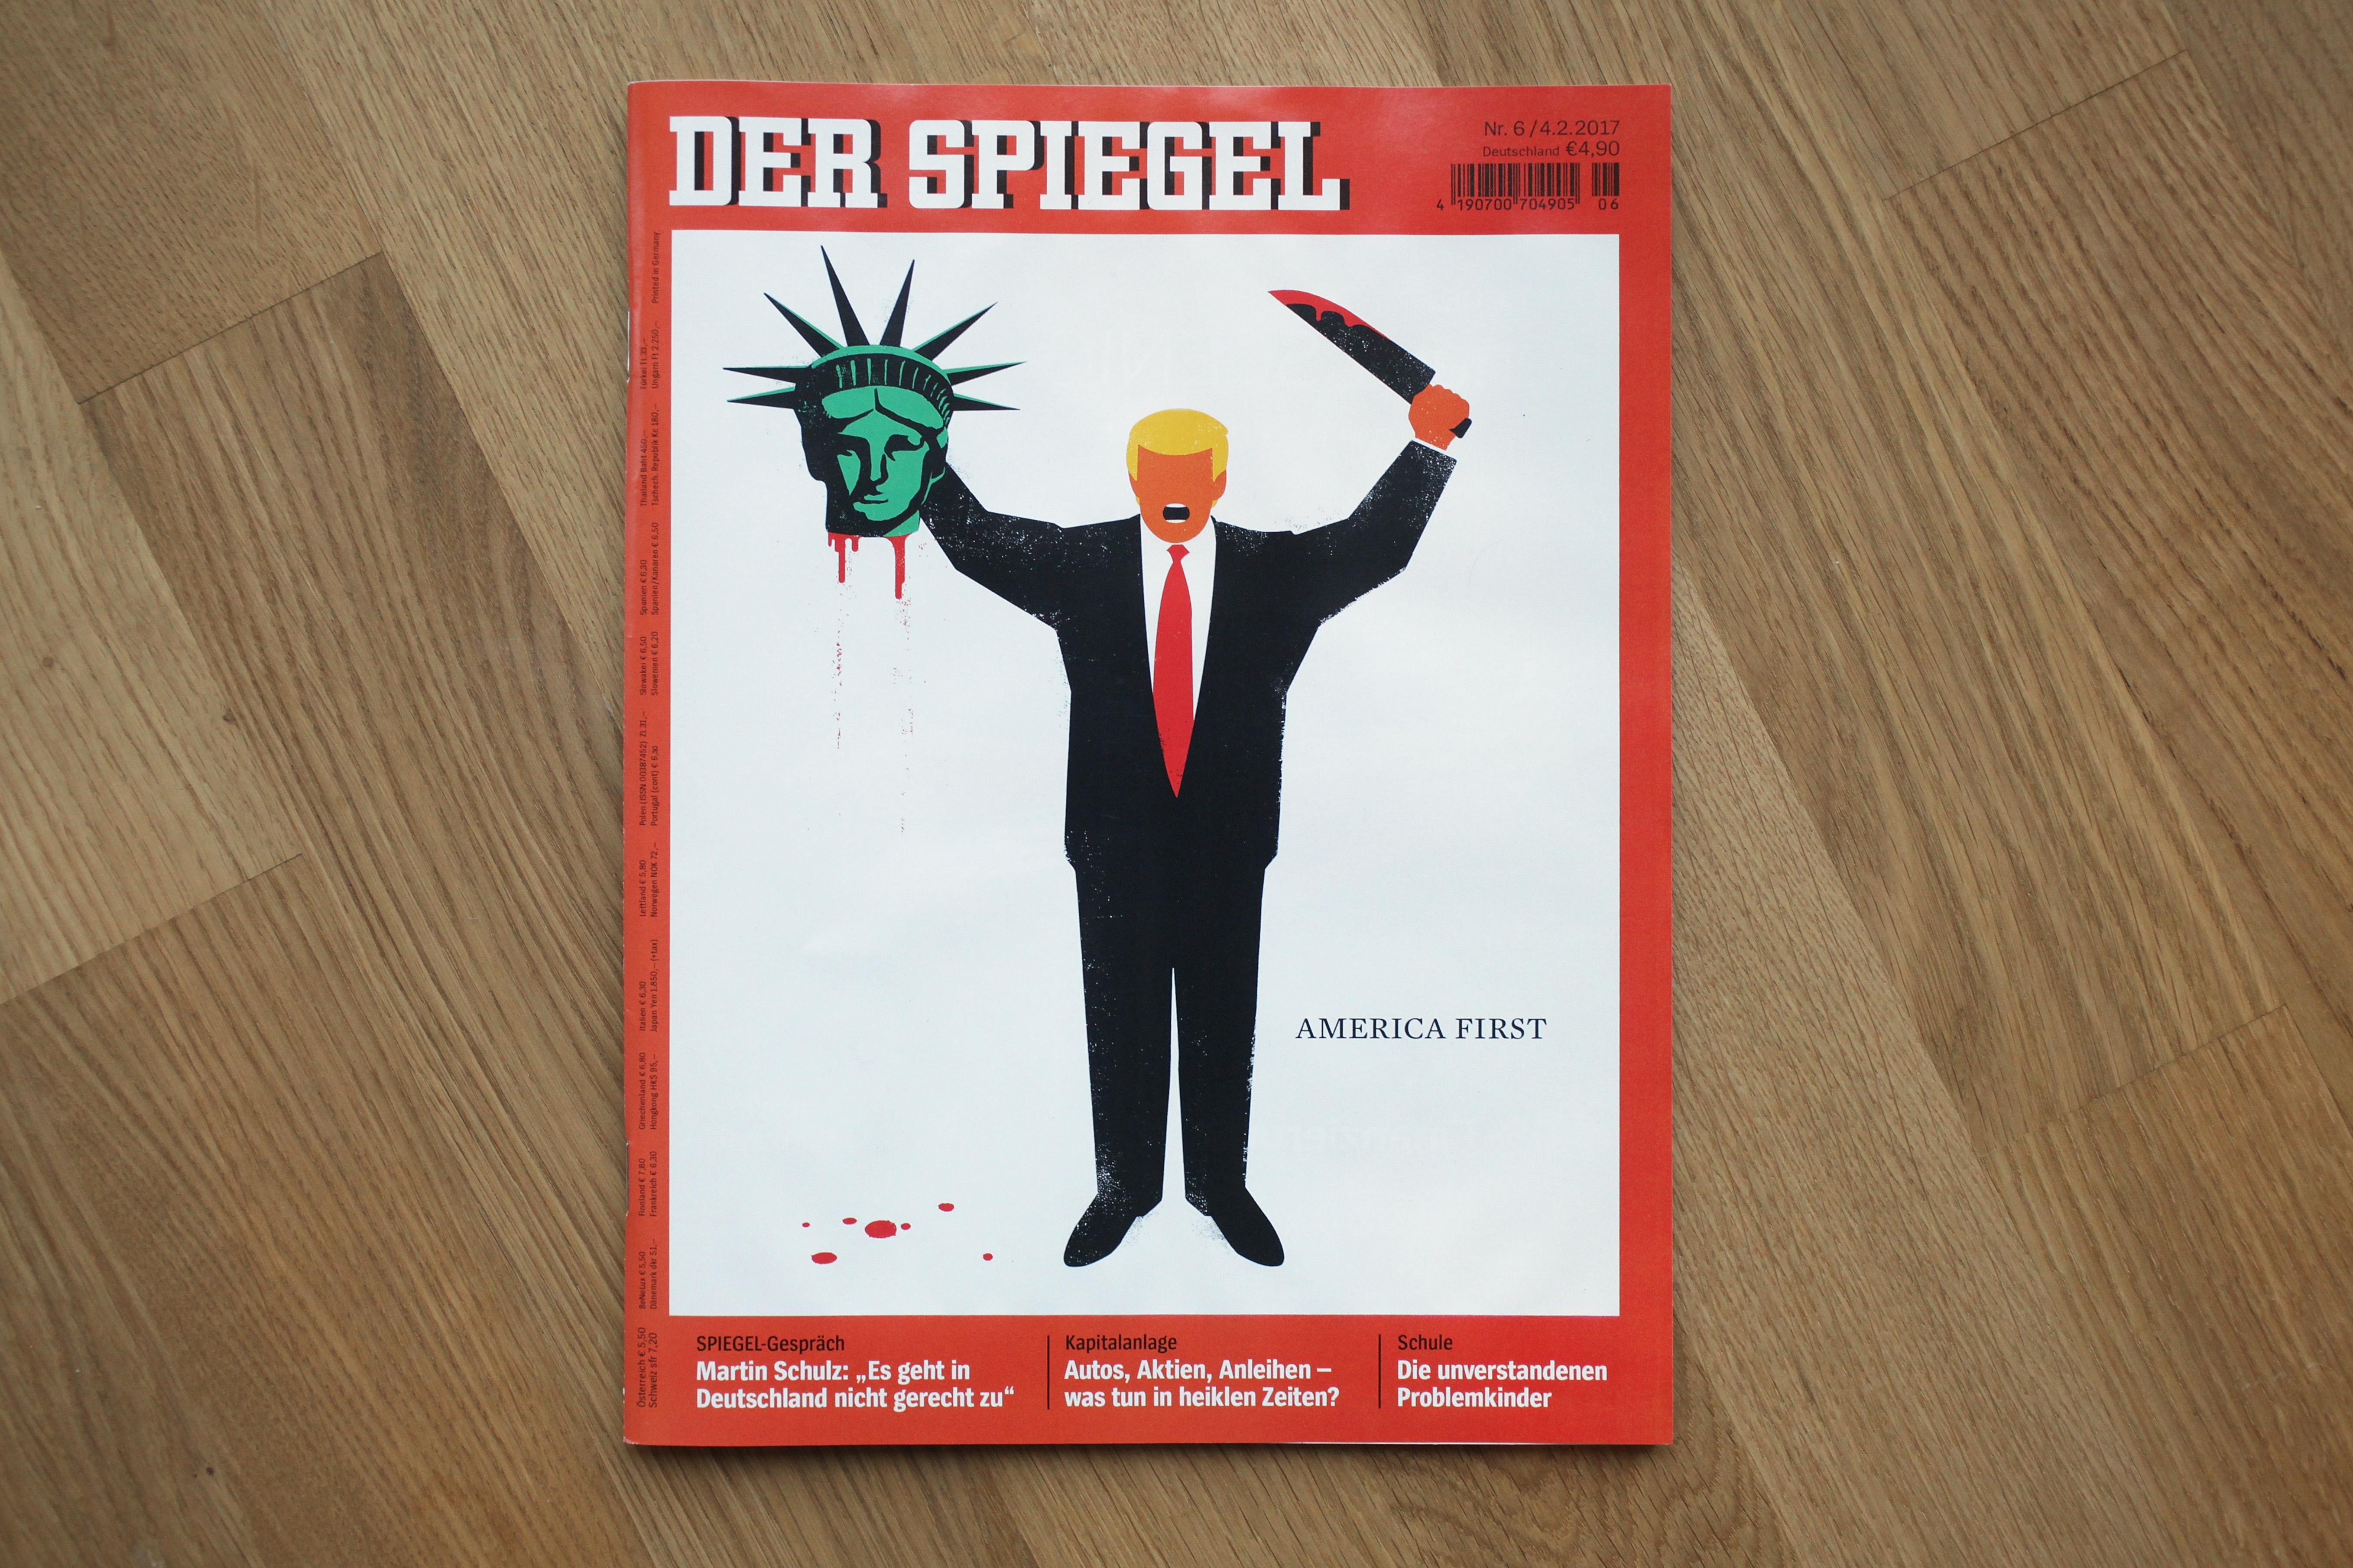 La portada de la edición más reciente de la revista alemana Der Spiegel. (Crédito: Sean Gallup/Getty Images)